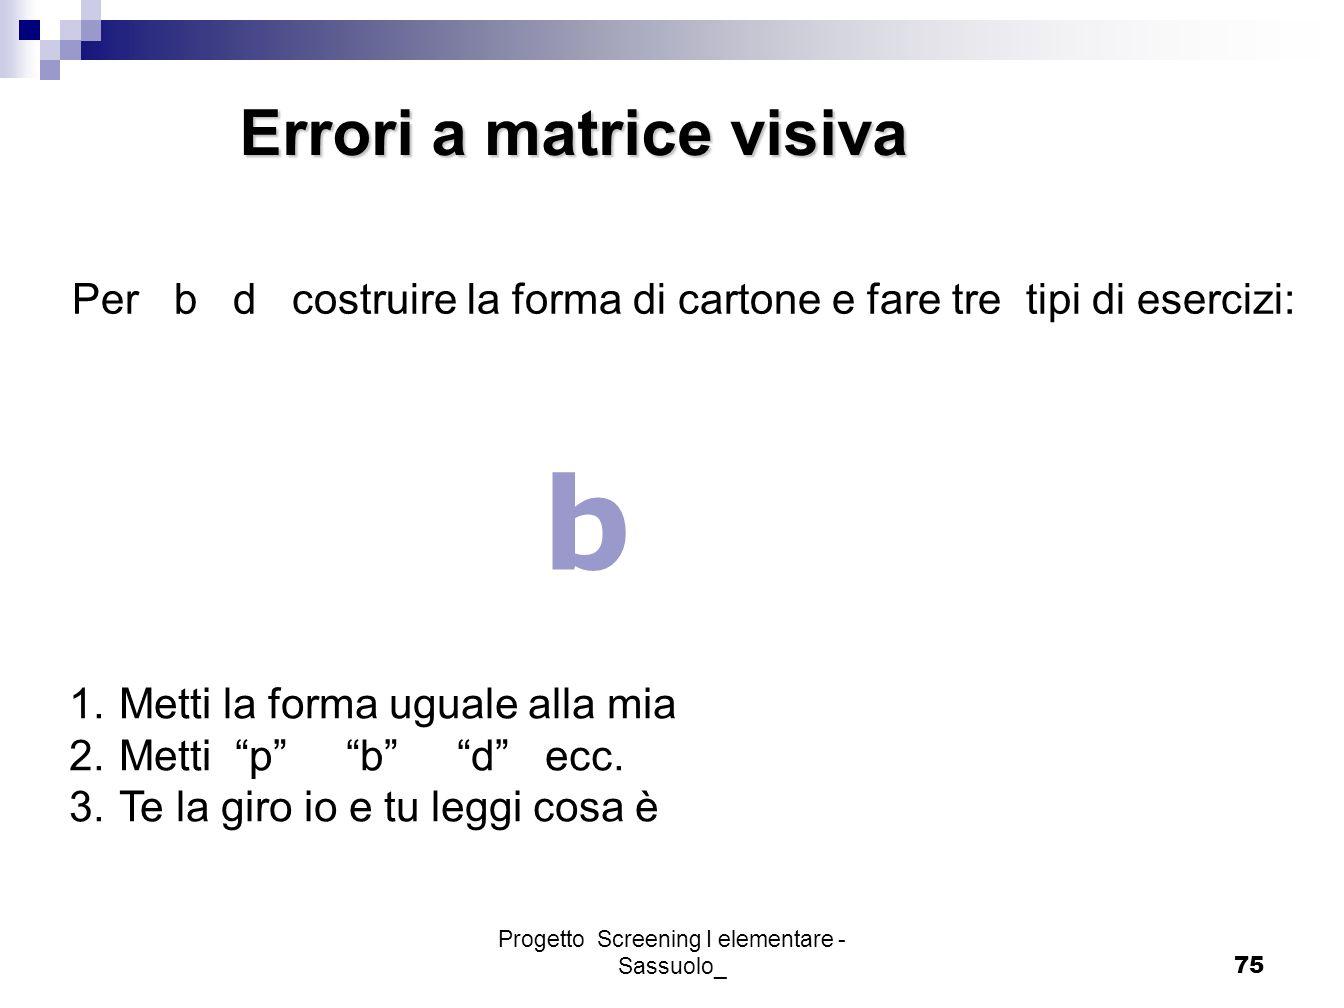 Progetto Screening I elementare - Sassuolo_75 Errori a matrice visiva Per b d costruire la forma di cartone e fare tre tipi di esercizi: b 1.Metti la